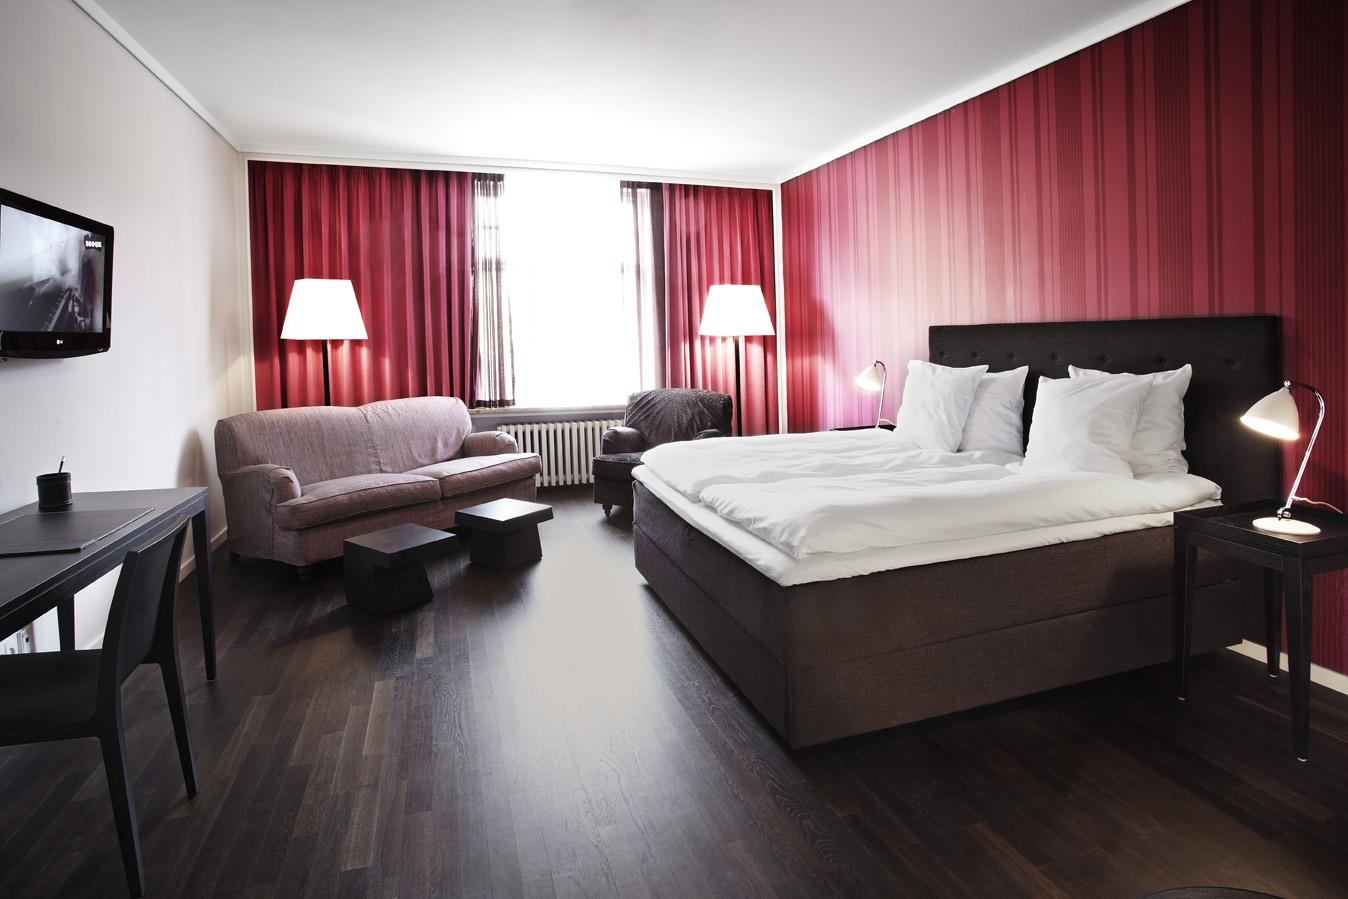 De danske hoteller er fortsat massivt udfordret af strenge restriktioner som forsamlingsforbud samt afstands- og kvadratmeterkrav, mens hjælpepakkerne er udfaset. Arkivfoto.